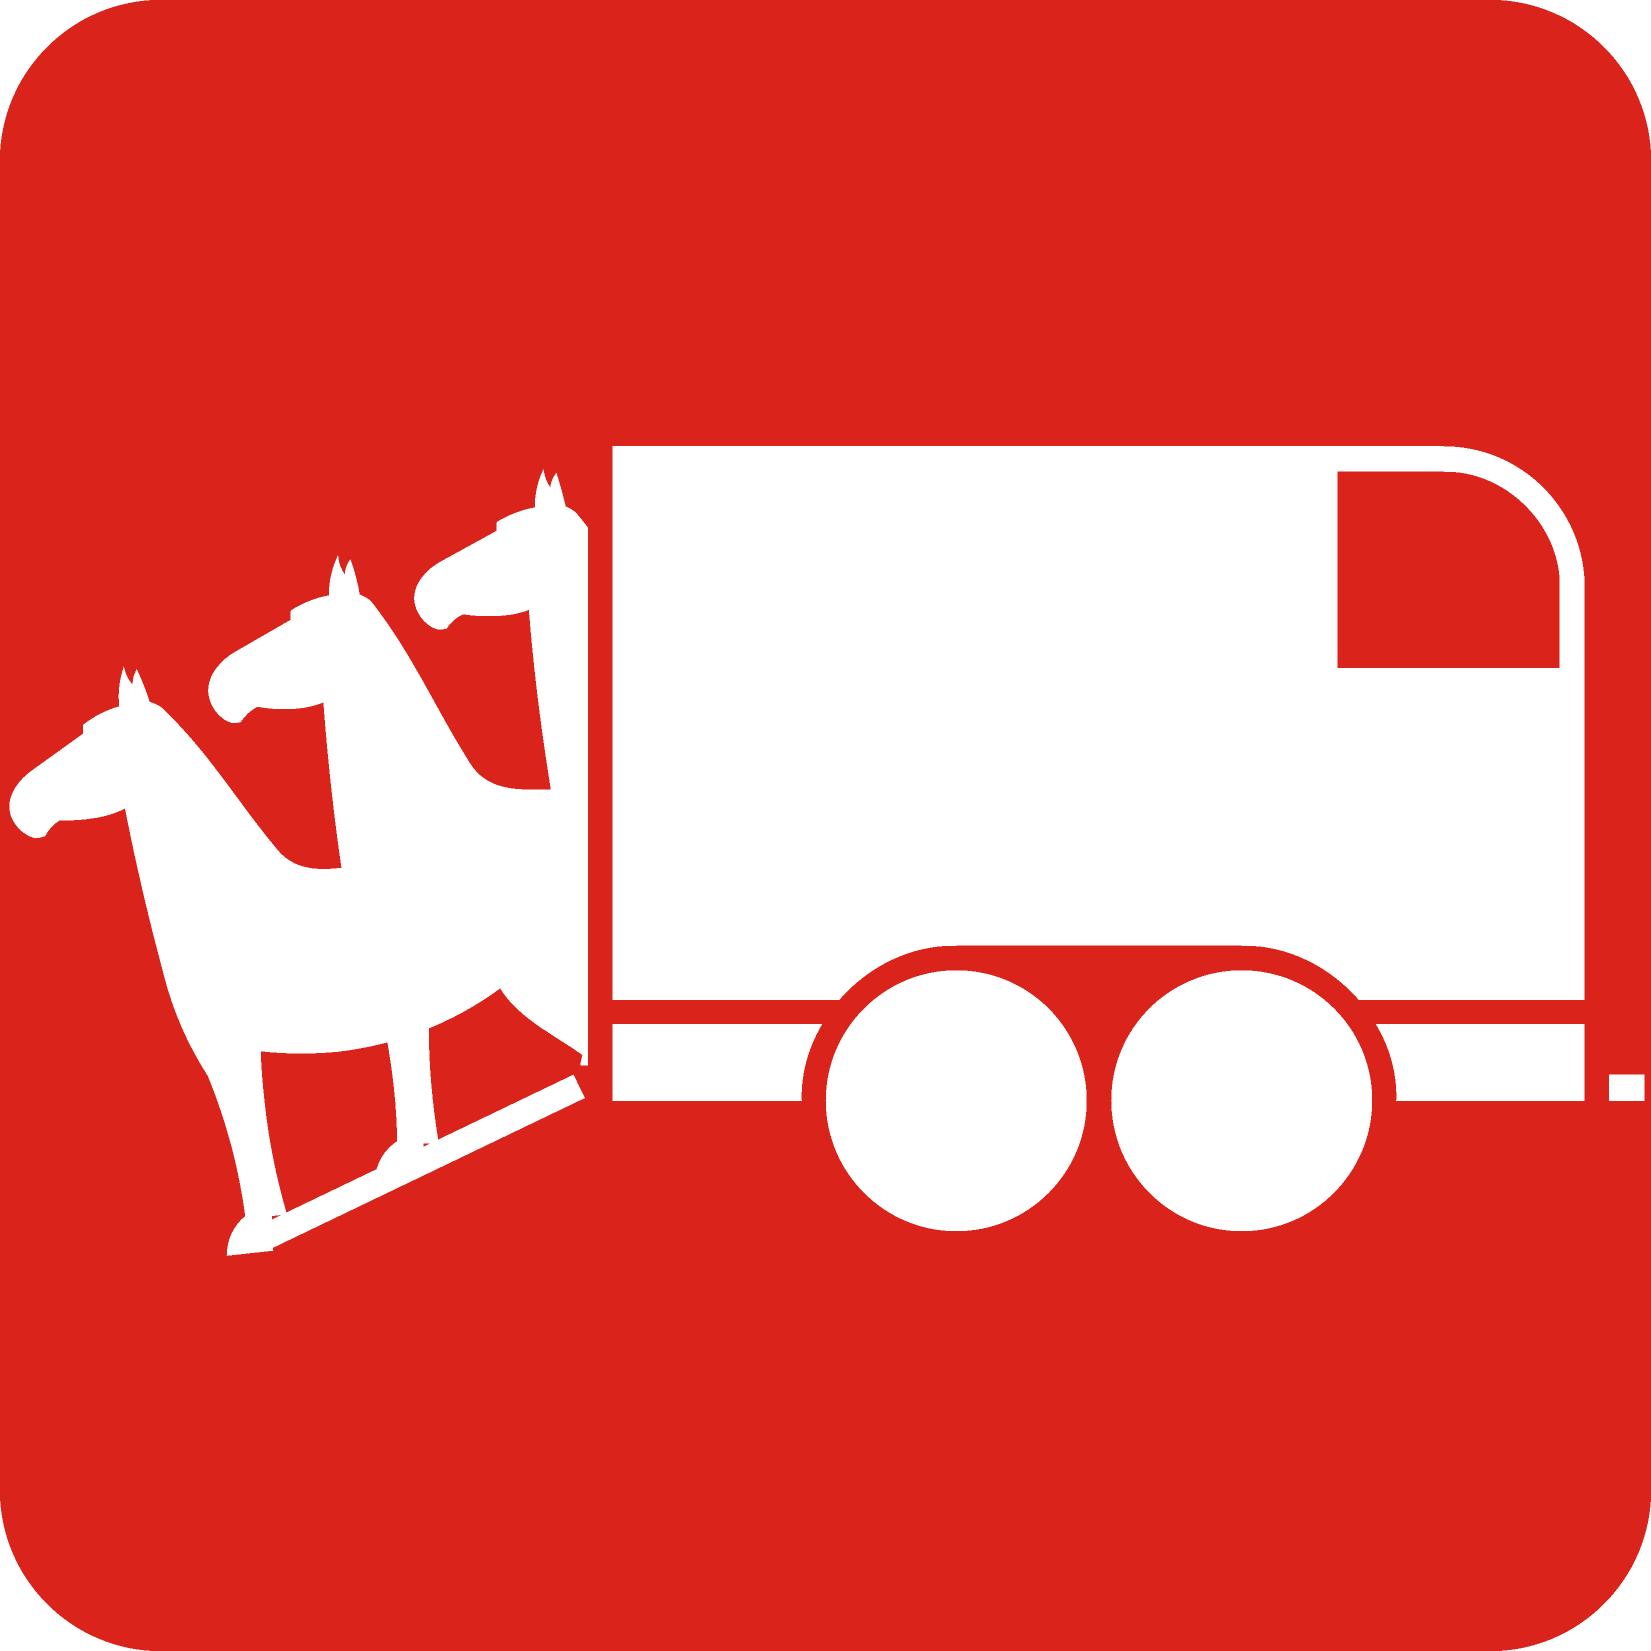 3/4 paards trailer